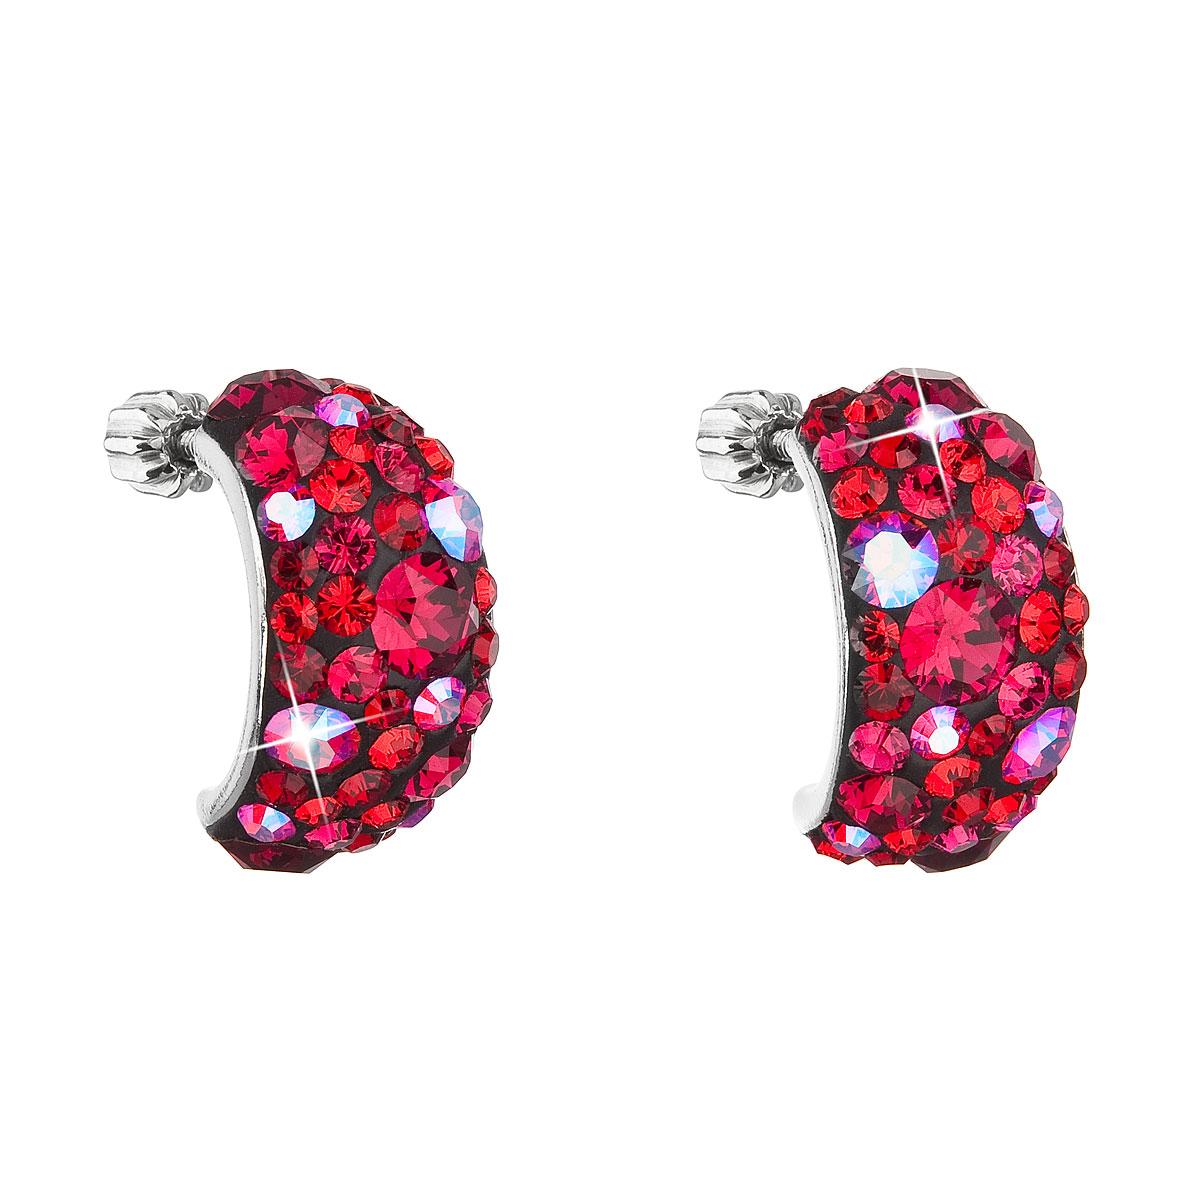 Strieborné náušnice visiace s krištáľmi Swarovski červenej polkruh 31164.3 cherry